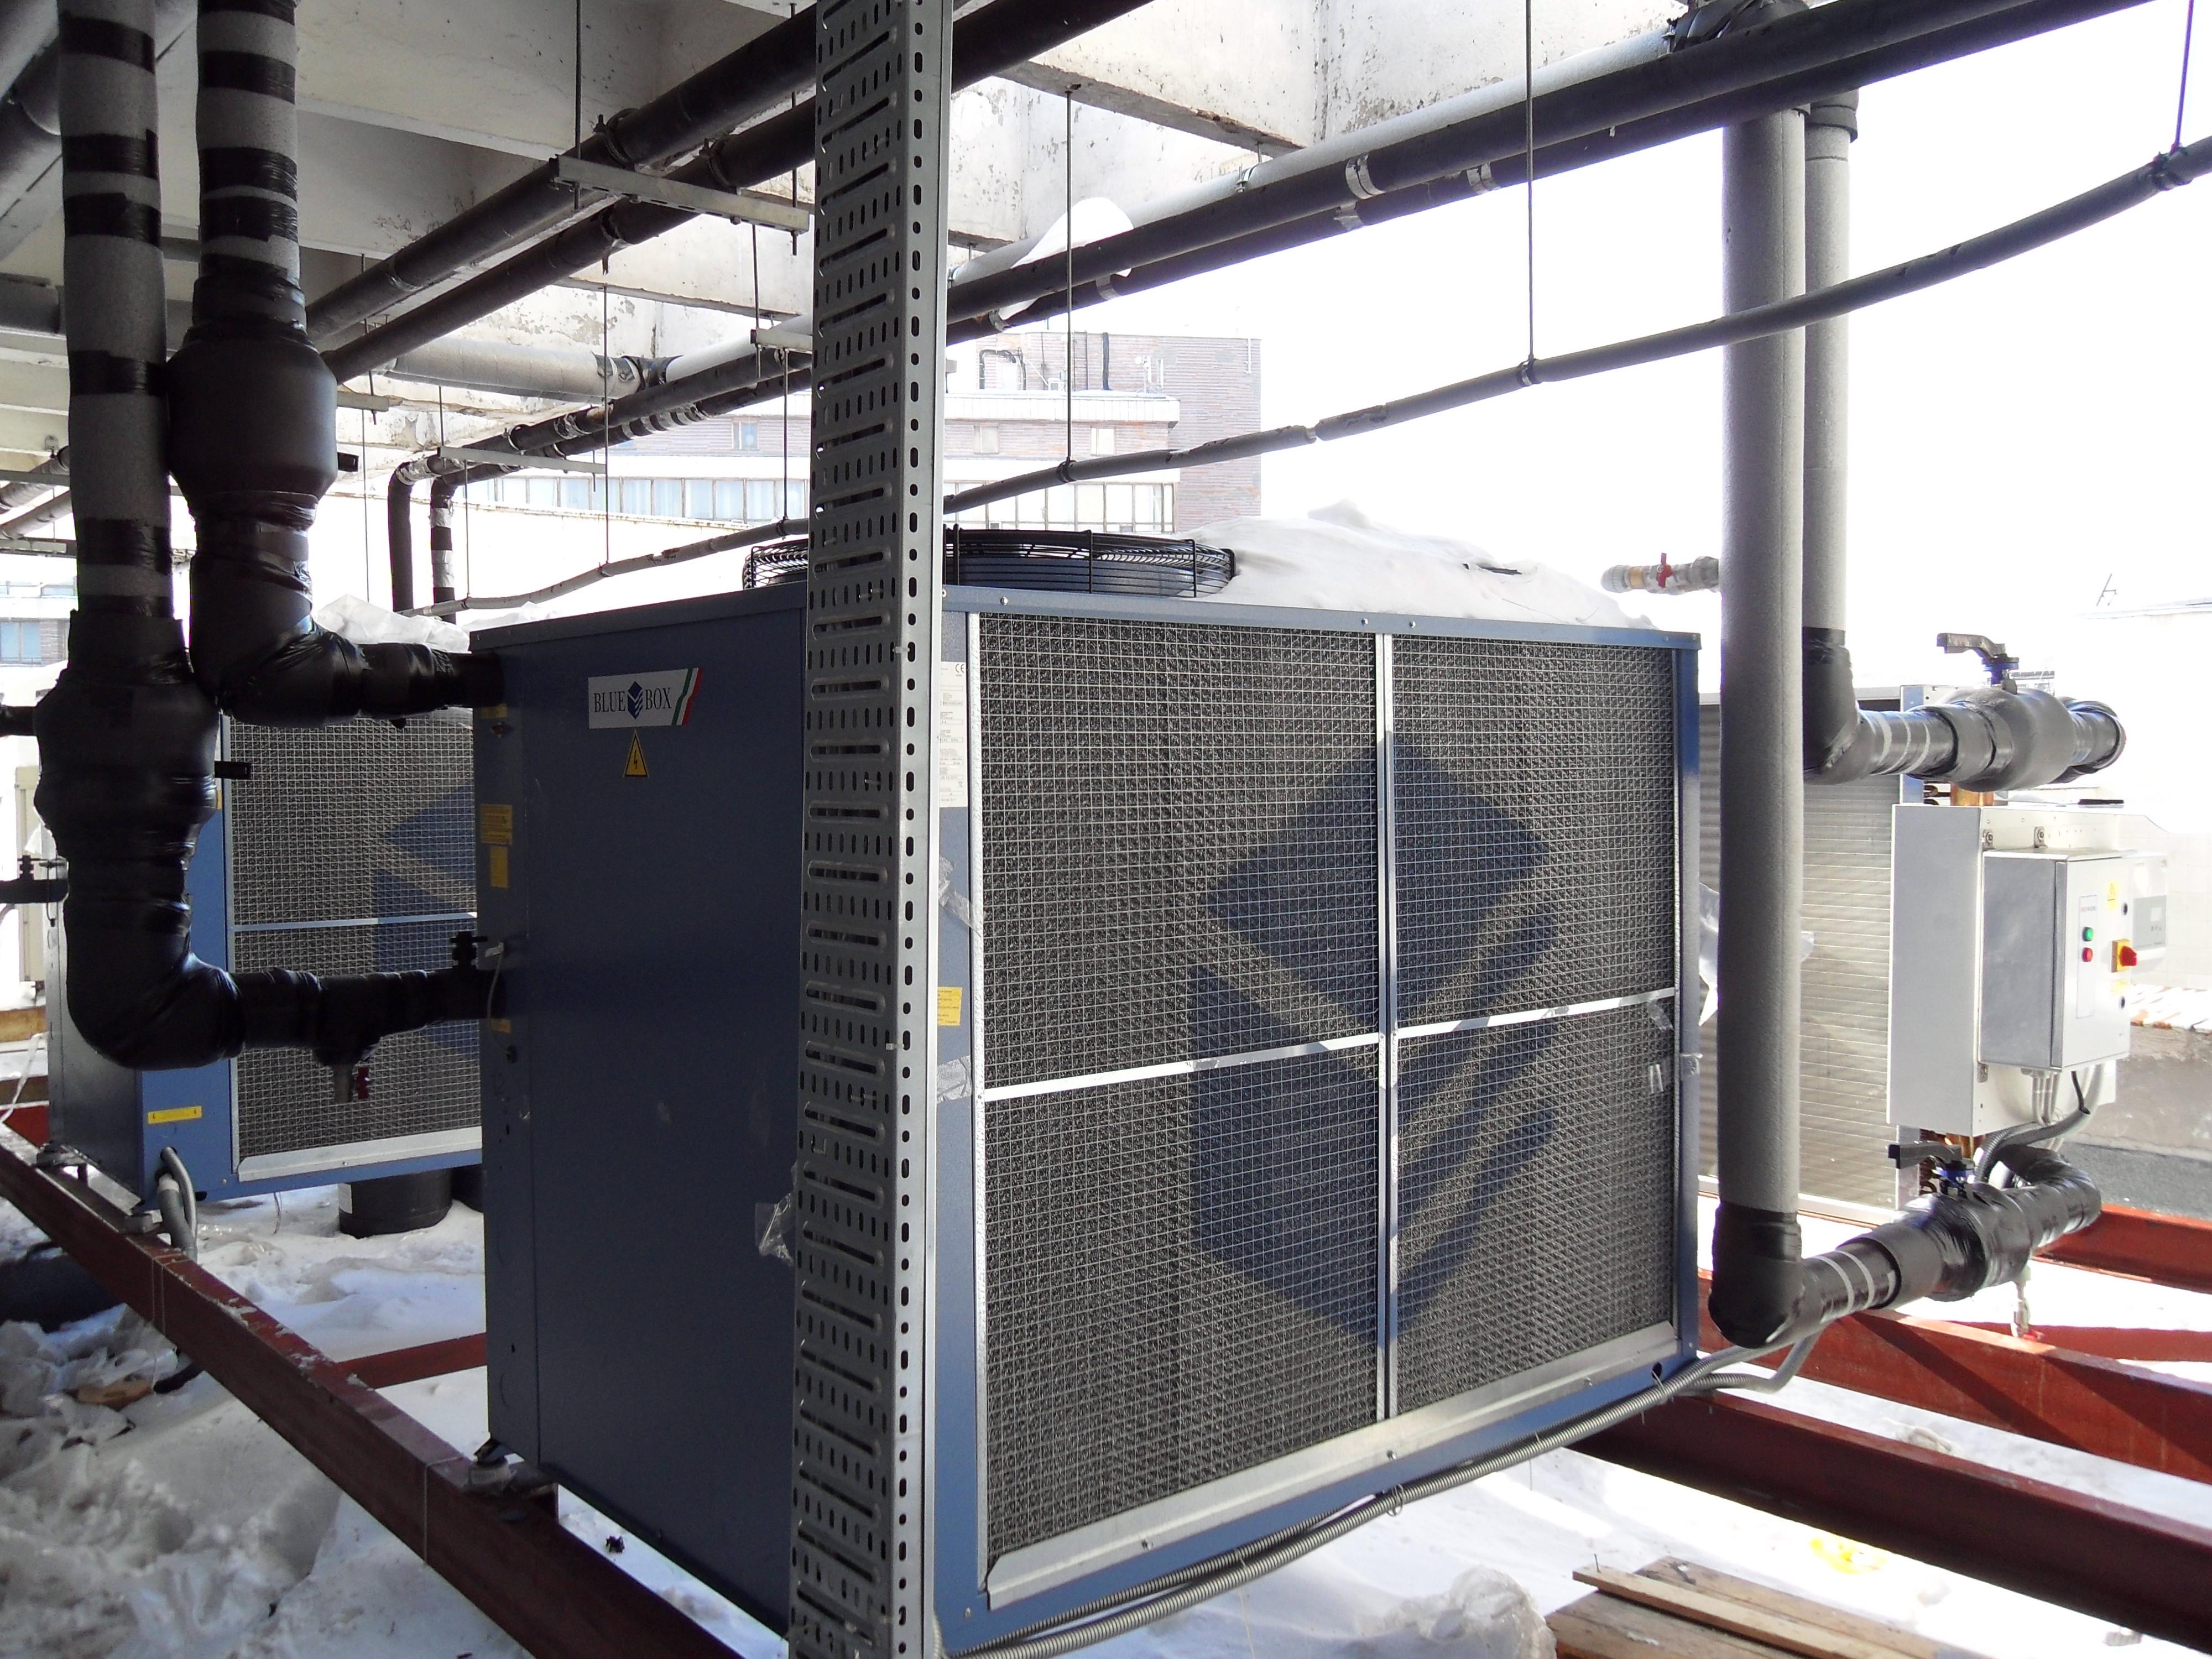 Система охлаждения серверов, состоящая из двух чиллеров, сухой градирни, гидромодуля и системы полипропиленовых трубопроводов Ø90.